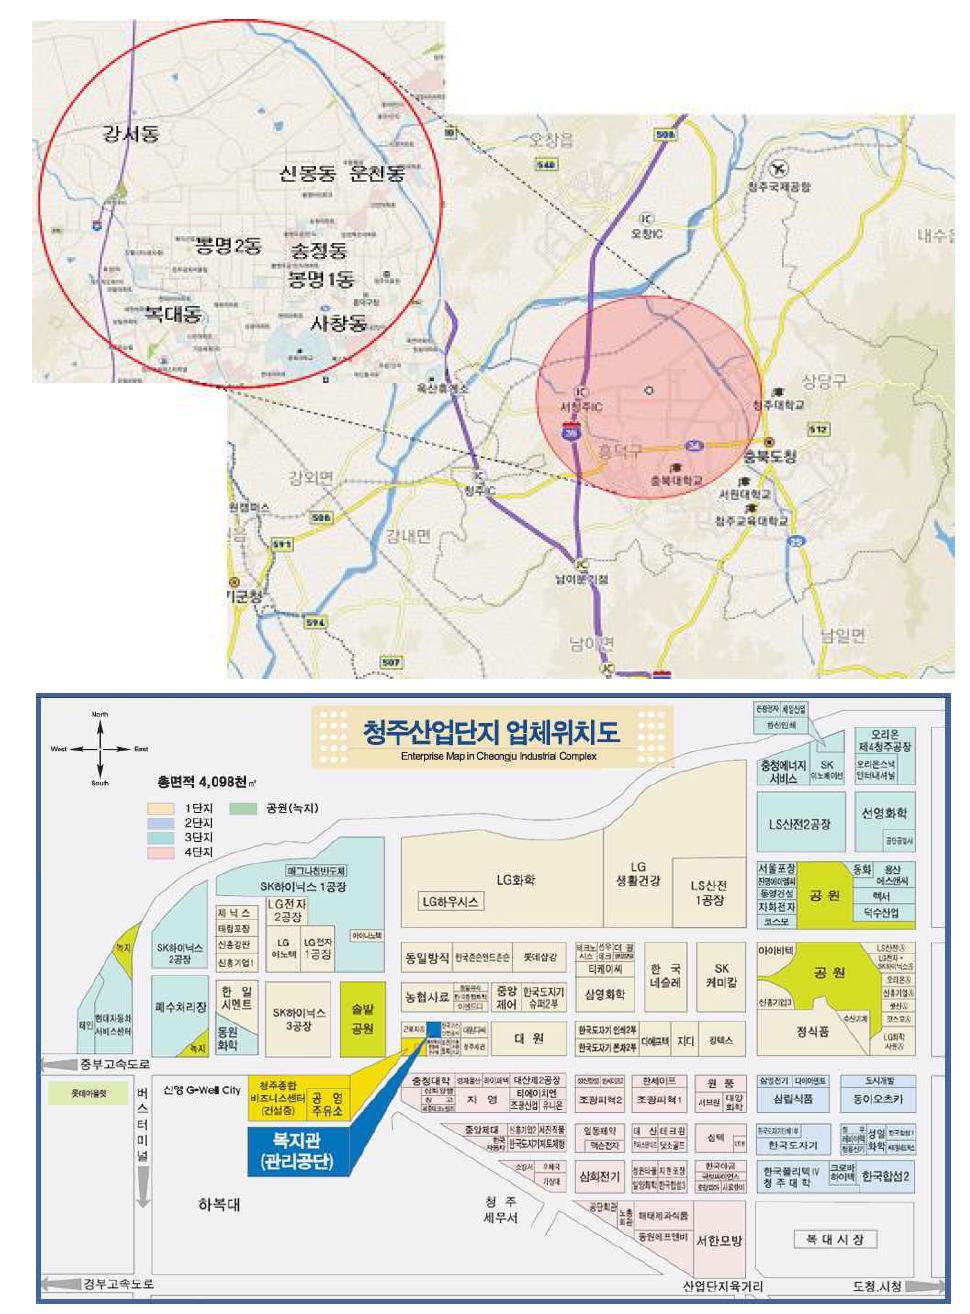 청주산업단지의 지정학적 위치와 규모